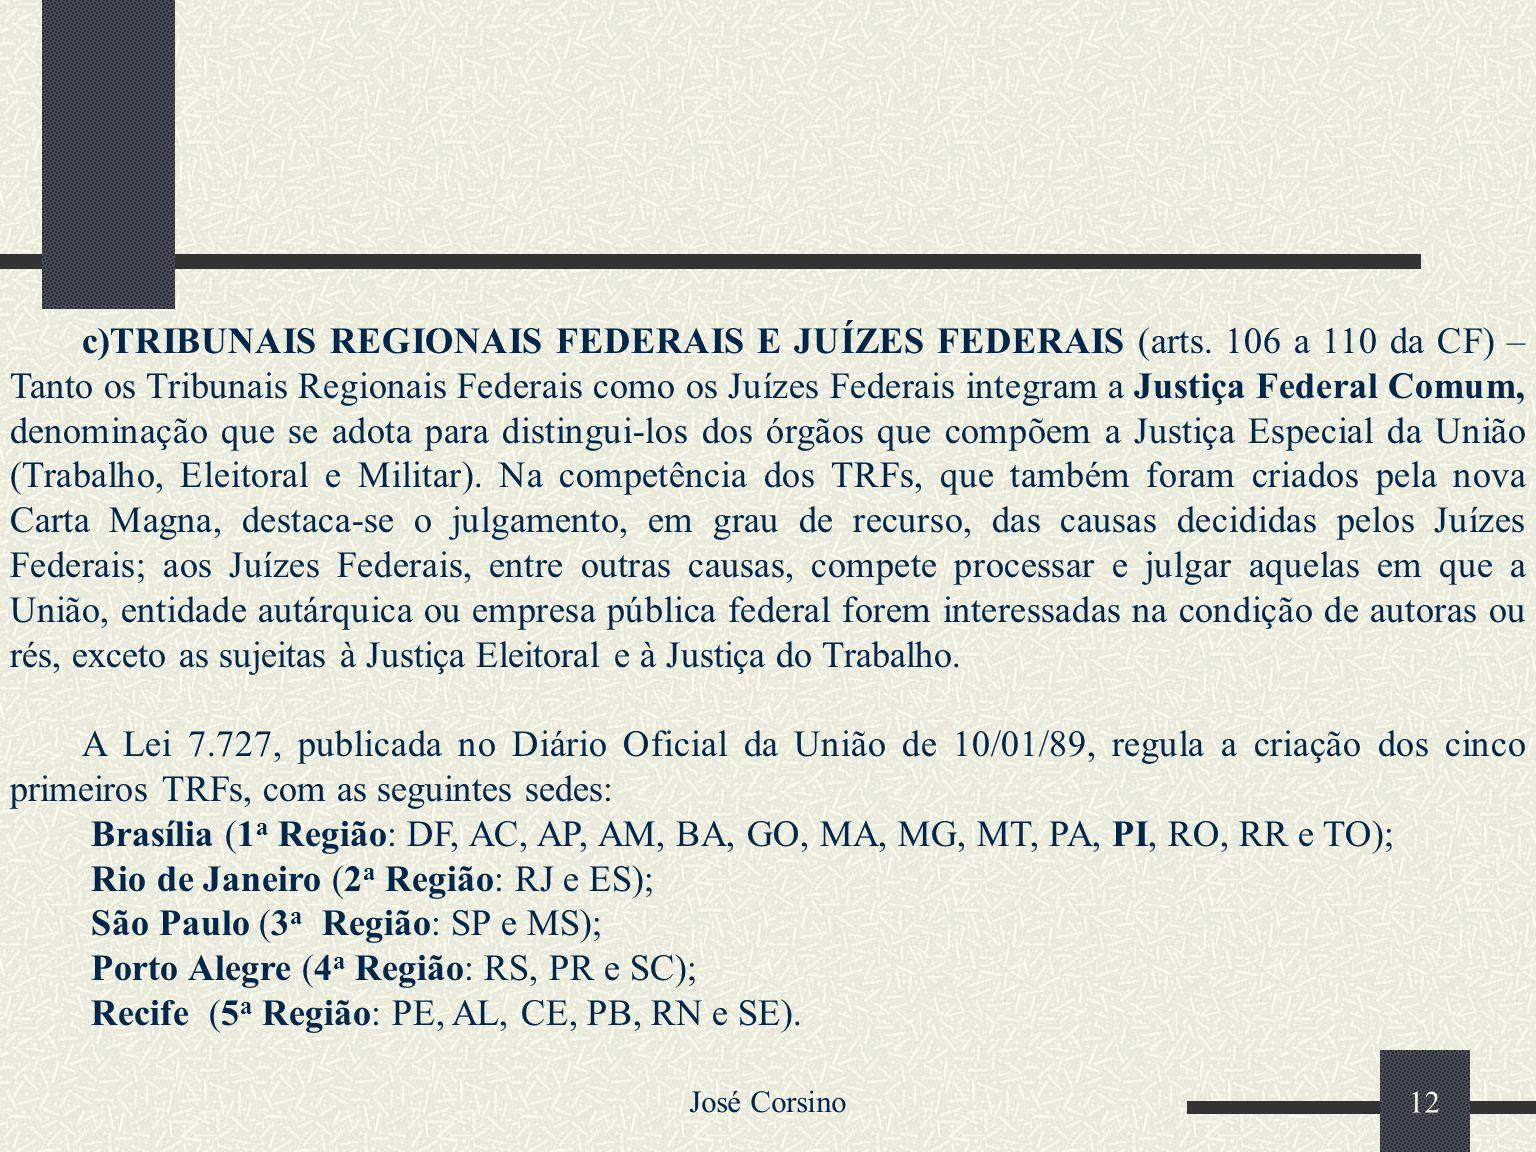 José Corsino 11 a)SUPREMO TRIBUNAL FEDERAL (arts. 101 a 103 da CF) – Compõem-se de onze ministros, competindo-lhe, a guarda da CF. Segundo o Min. Sydn